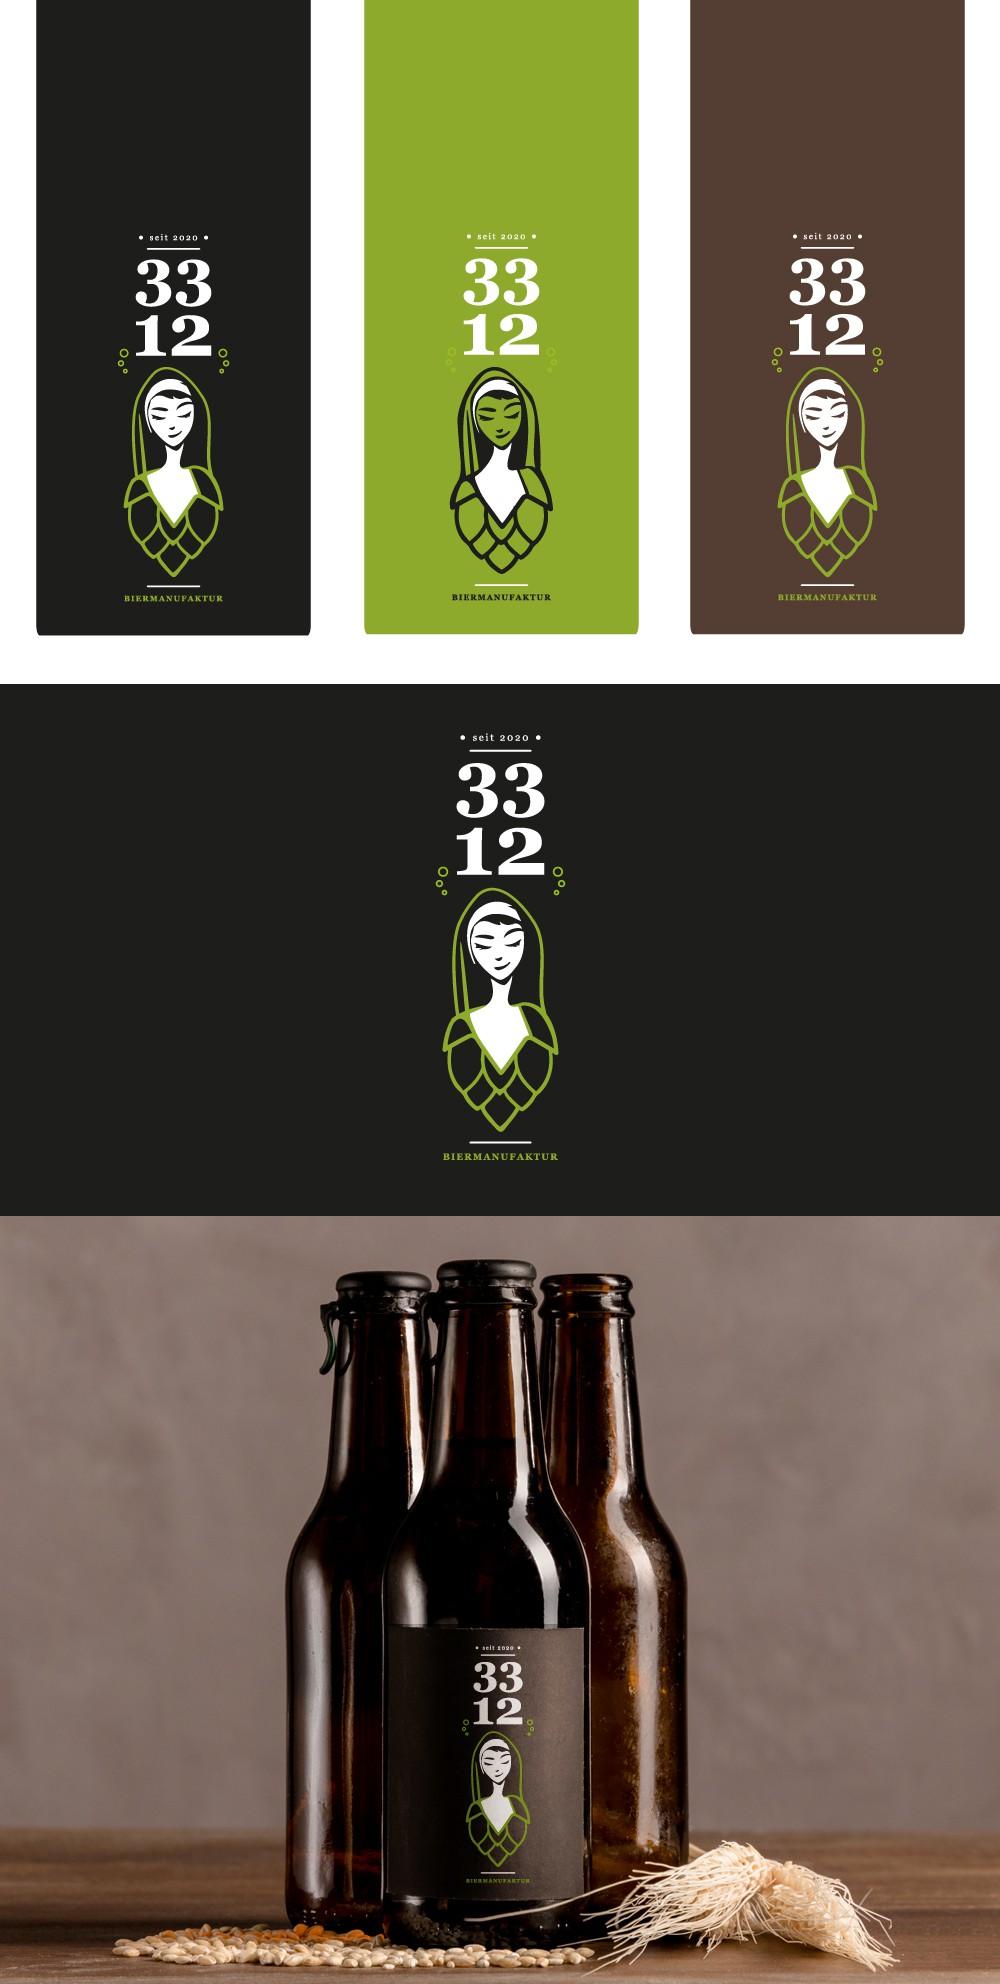 Junge Bierbrauer suchen kreative Köpfe für ein Top Logo